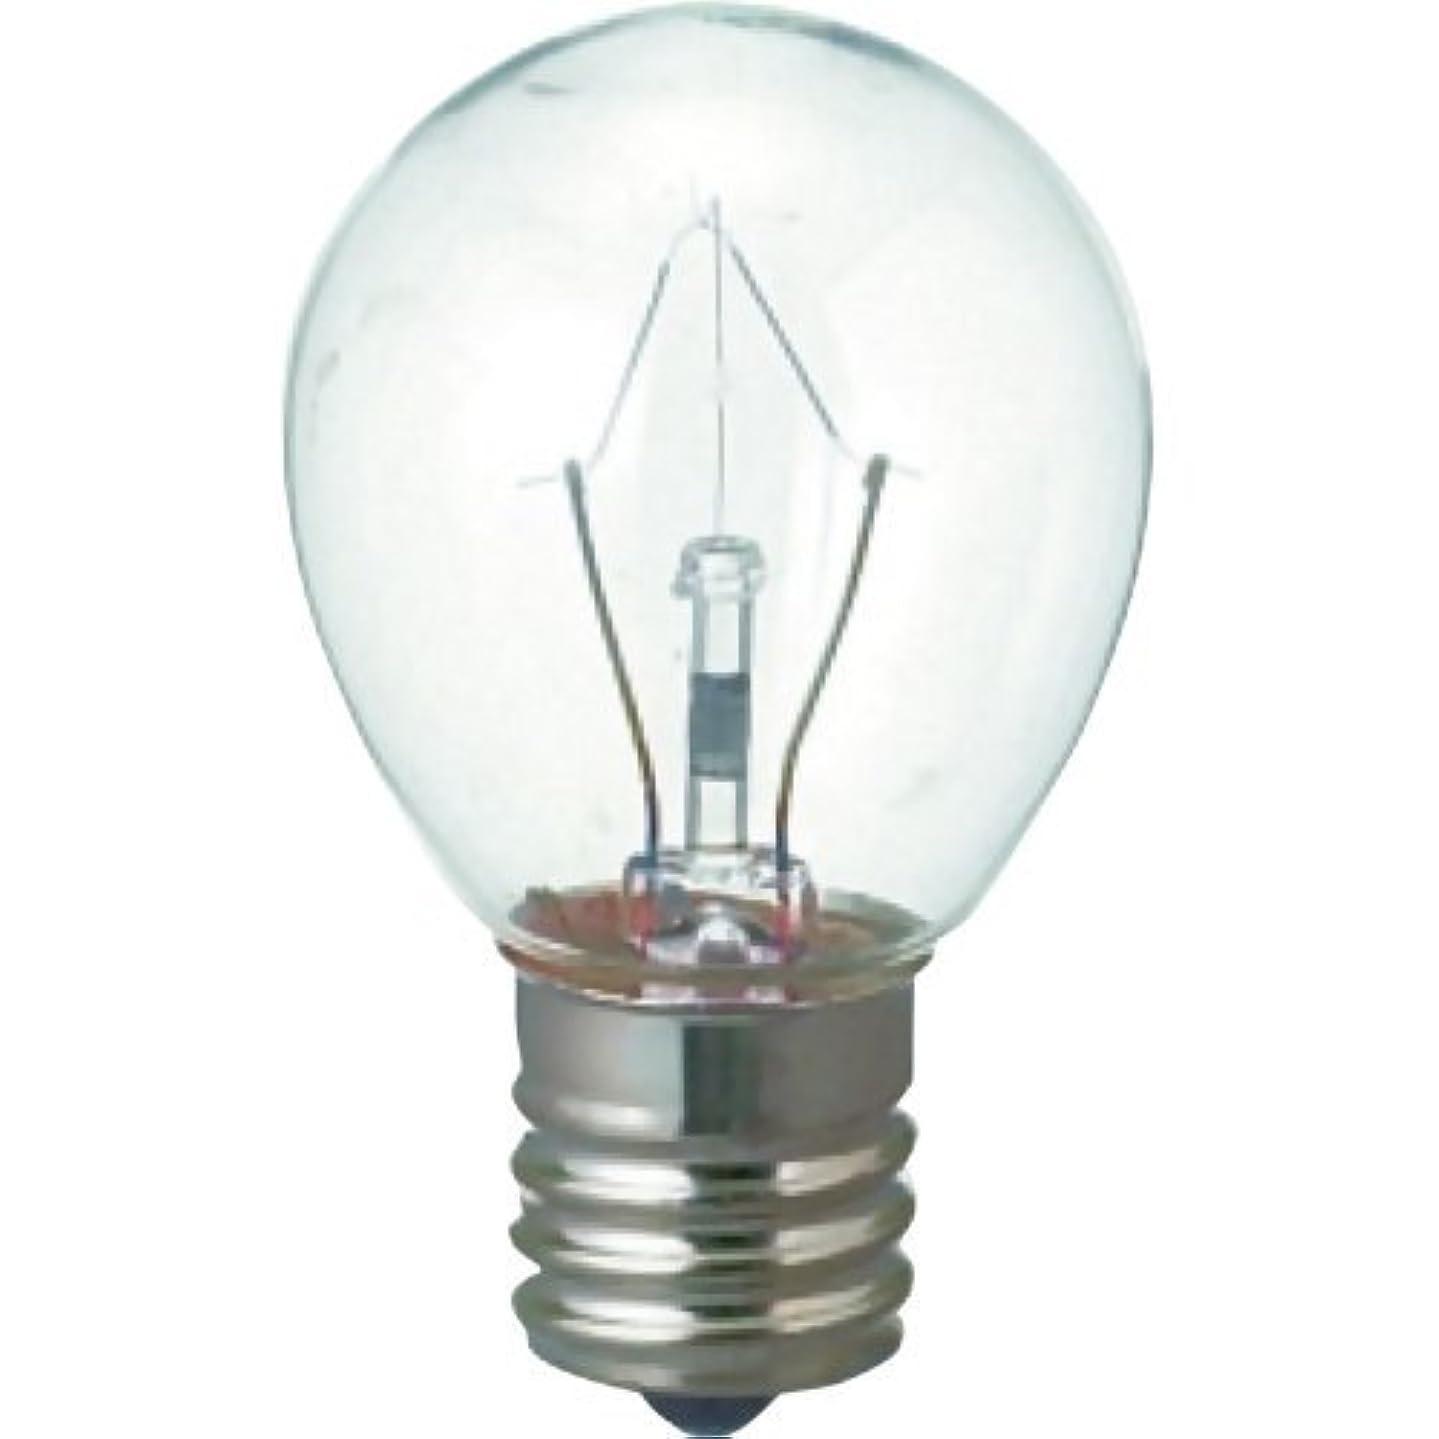 セールスマン羽兵隊アロマランプ電球 100V25W